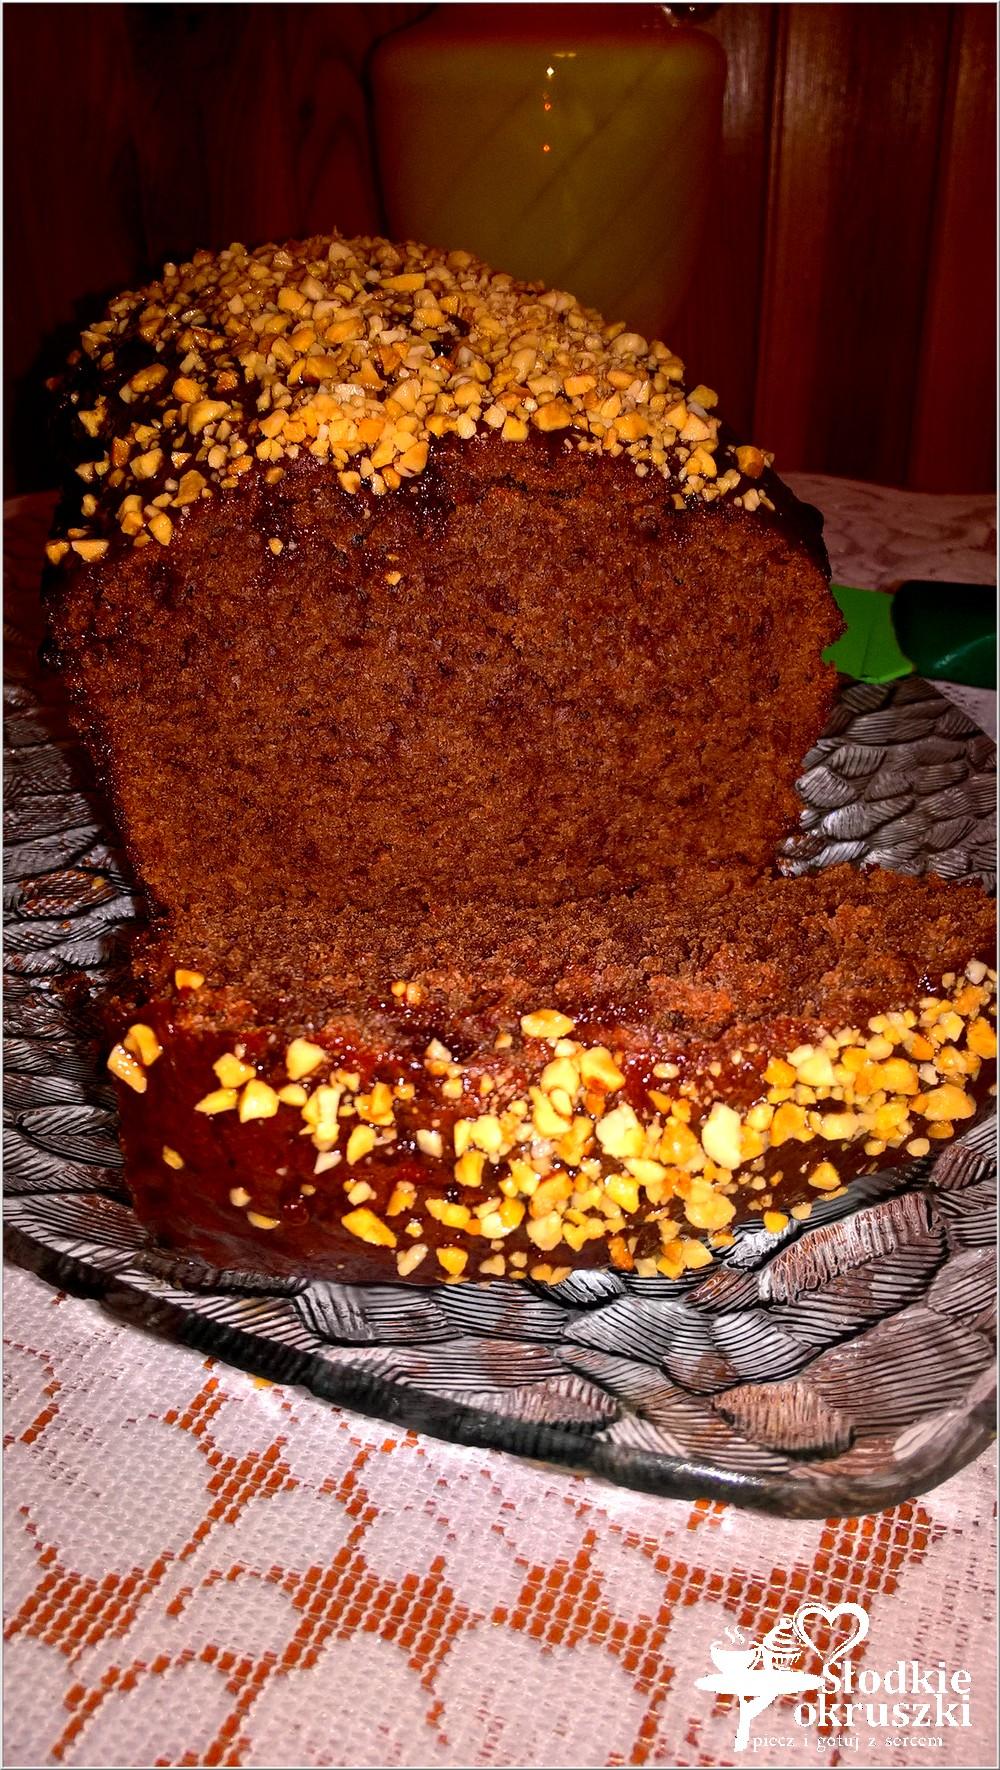 czekoladowe-ciasto-aromatyzowane-syropem-o-smaku-wanilii-meksykanskiej-4